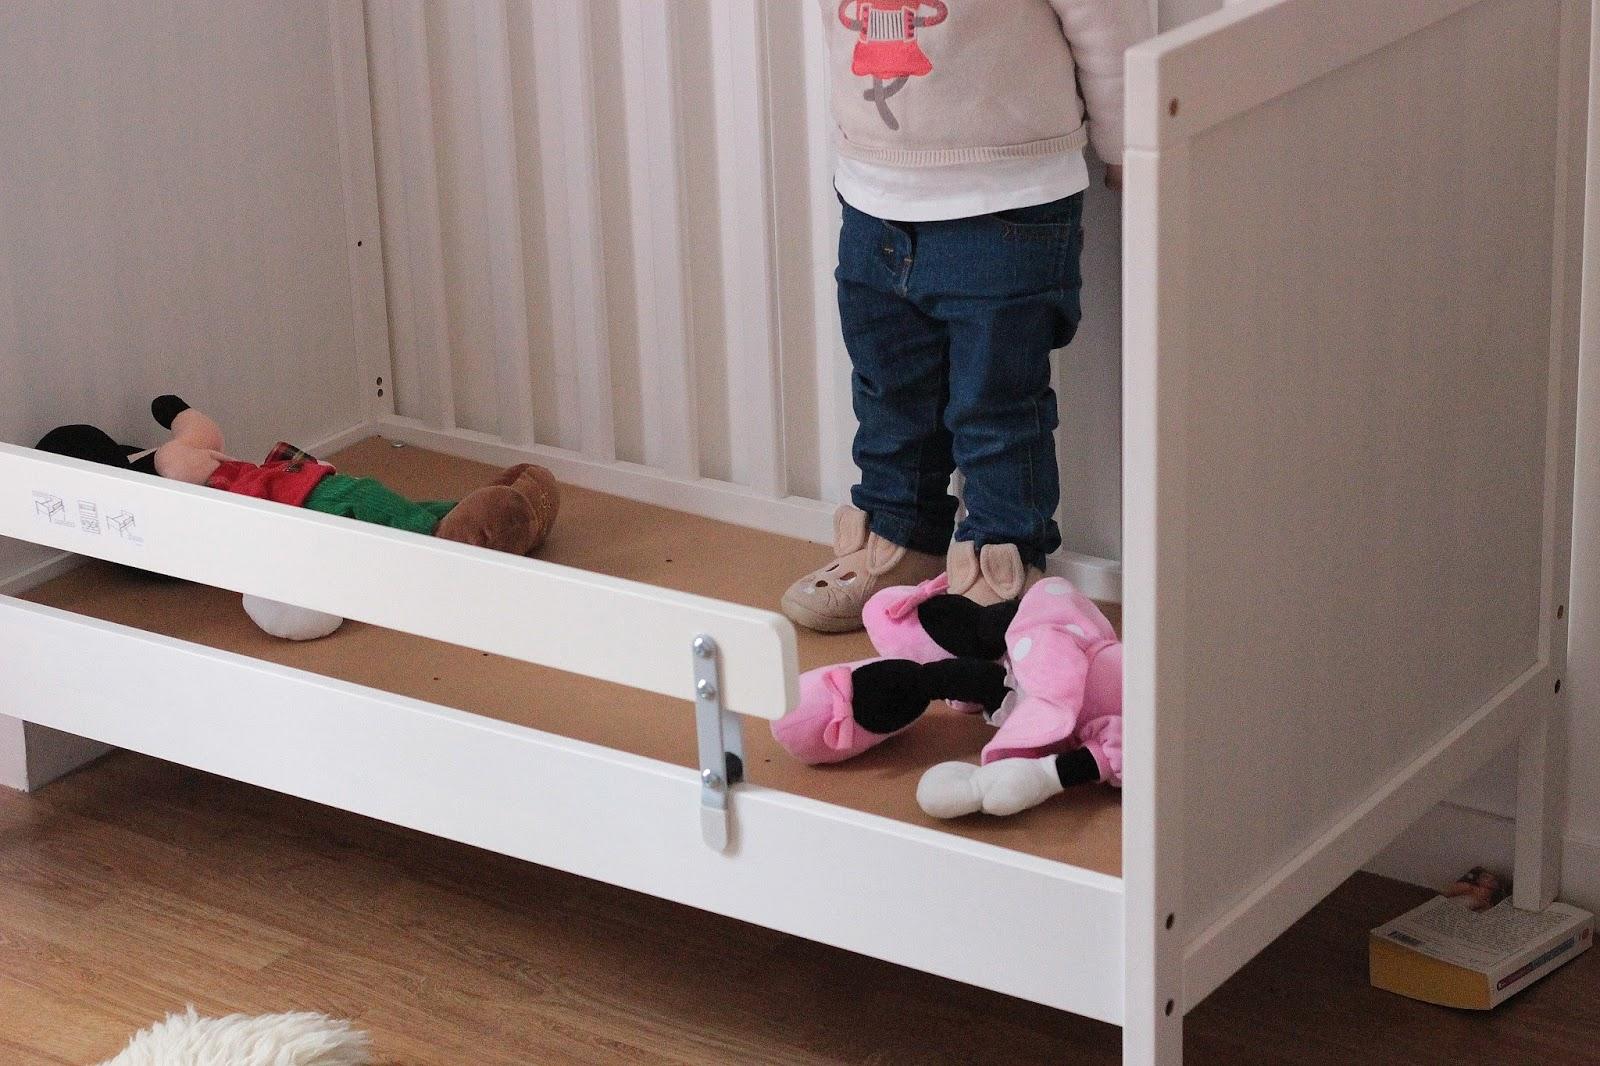 lit evolutif ikea. Black Bedroom Furniture Sets. Home Design Ideas